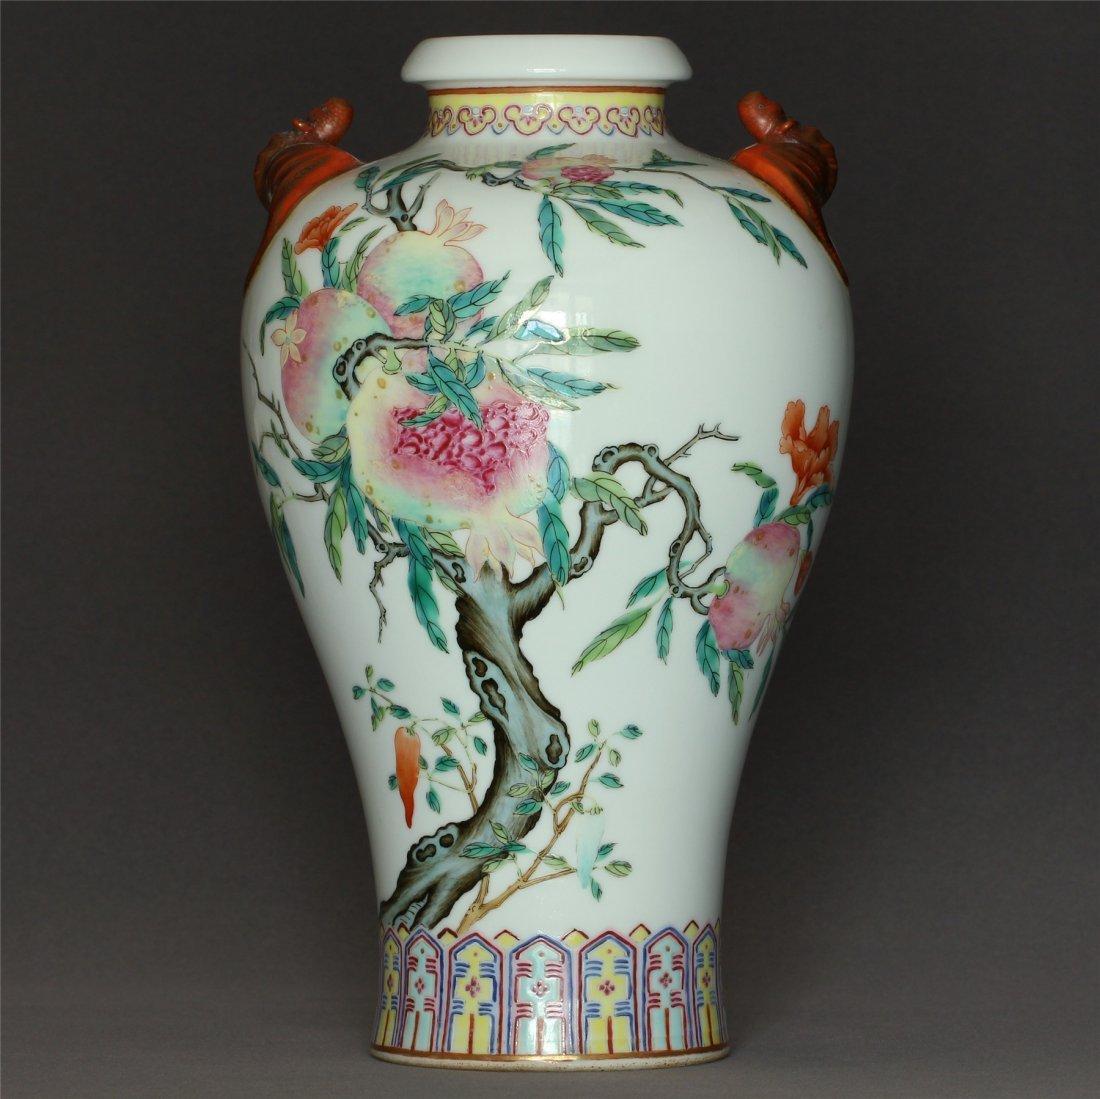 Famille rose porcelain vase of Qing Dynasty QianLong